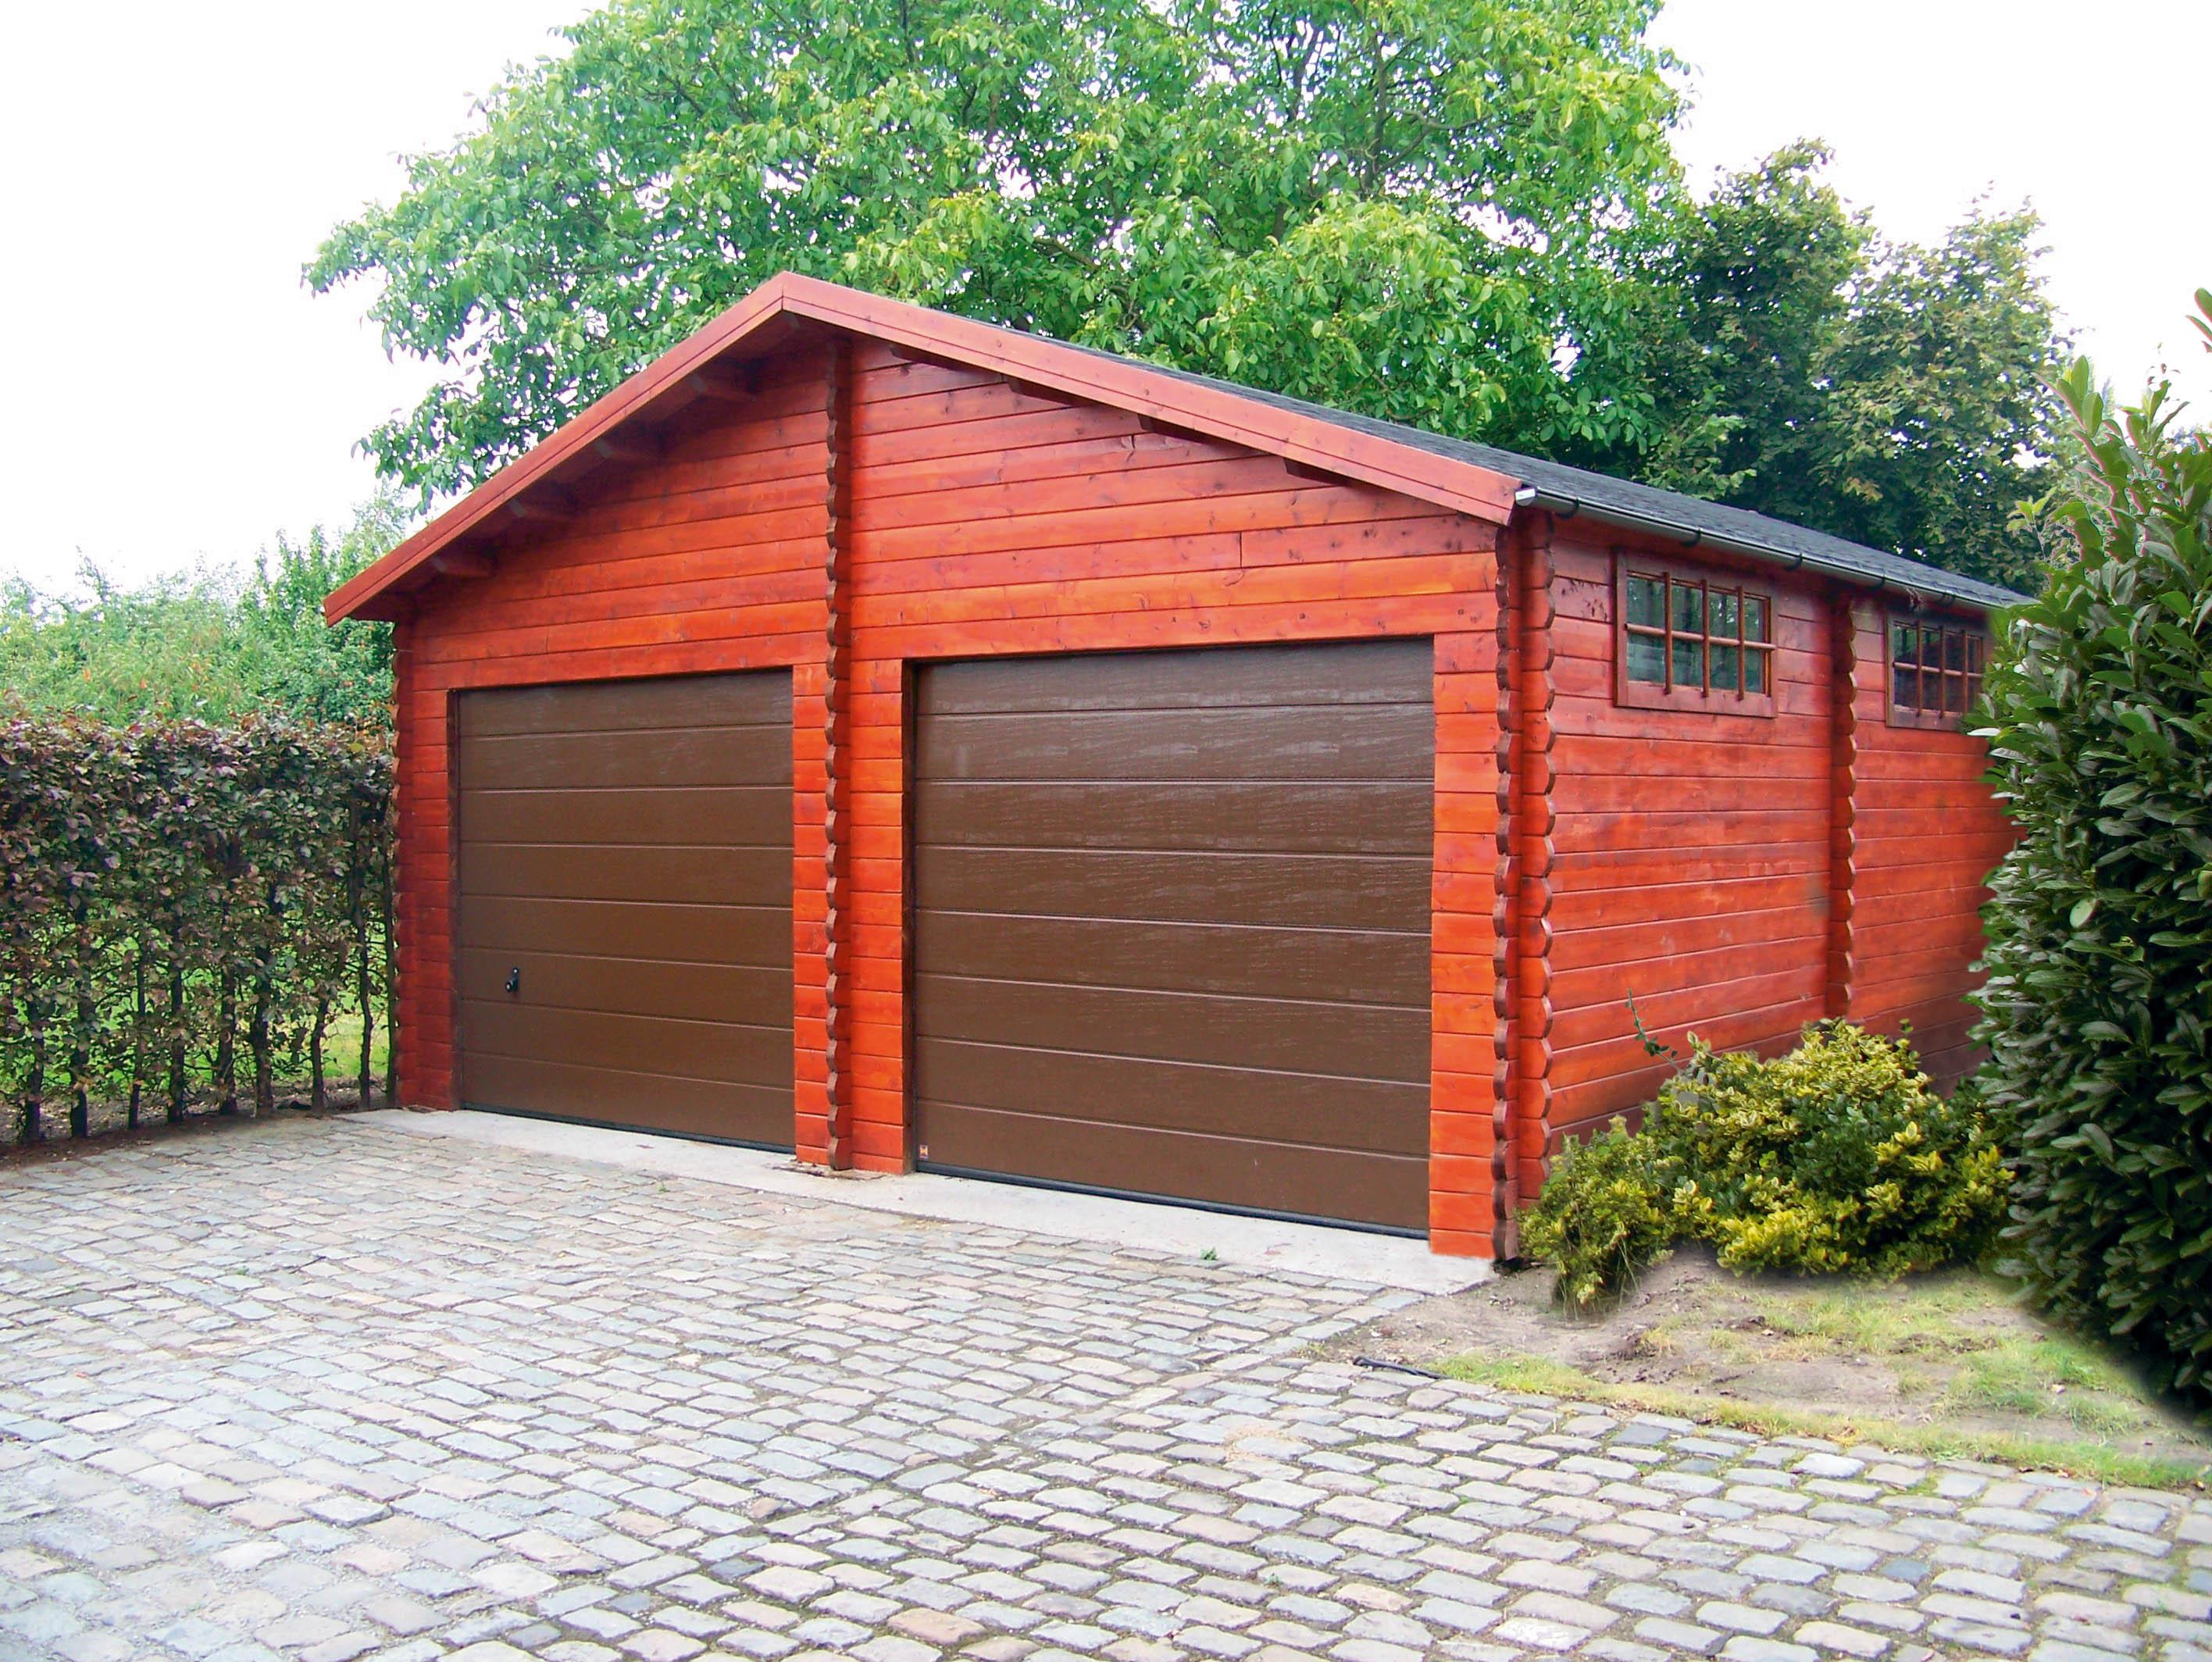 Comment protéger son garage des insectes ? Blog Chalet Center # Produit Pour Traiter Le Bois Contre Les Insectes